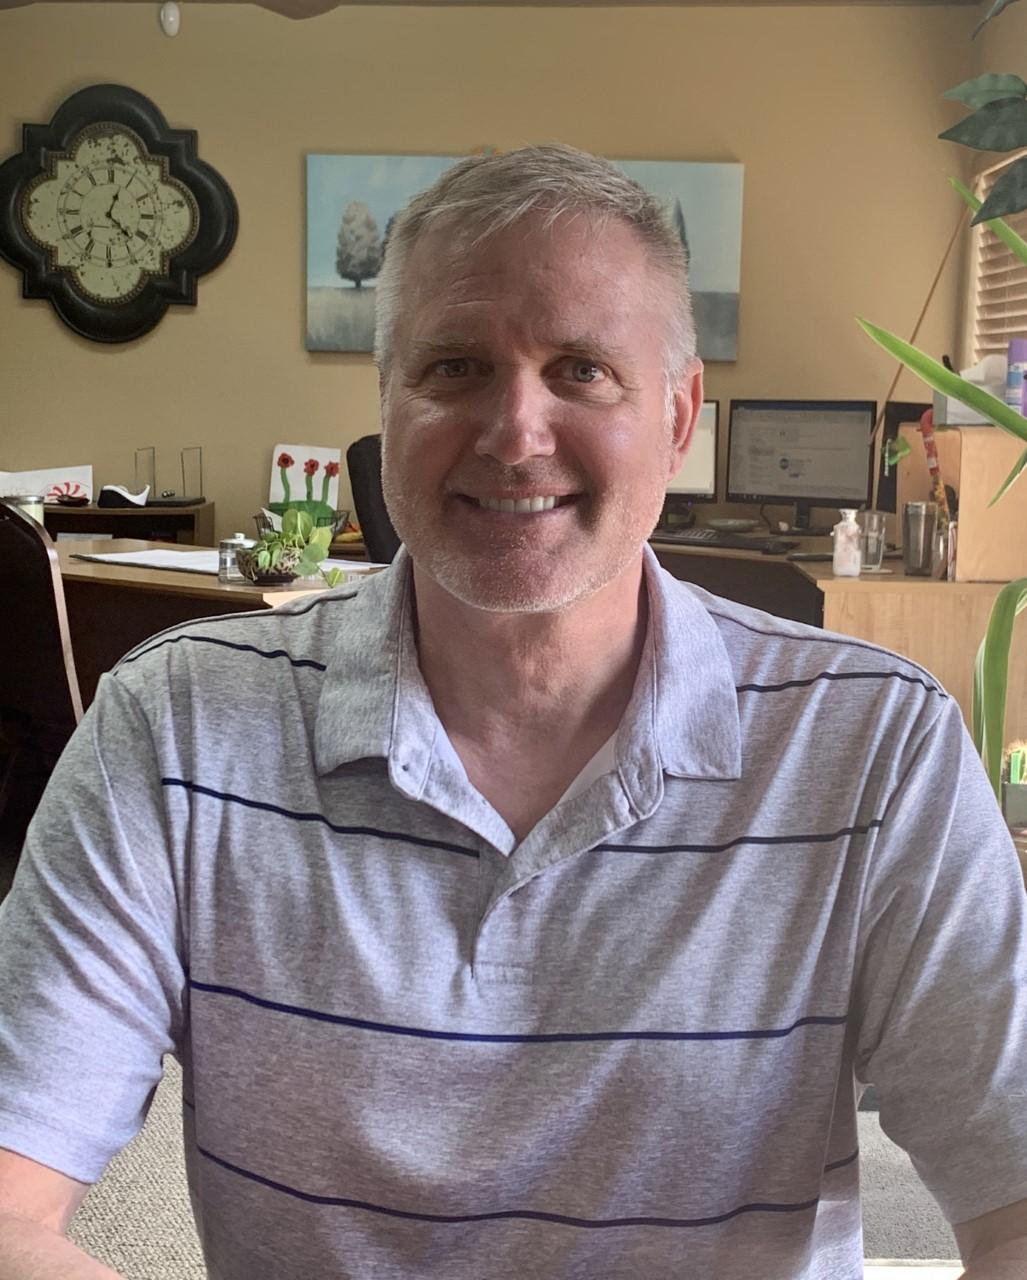 Jeff Lande